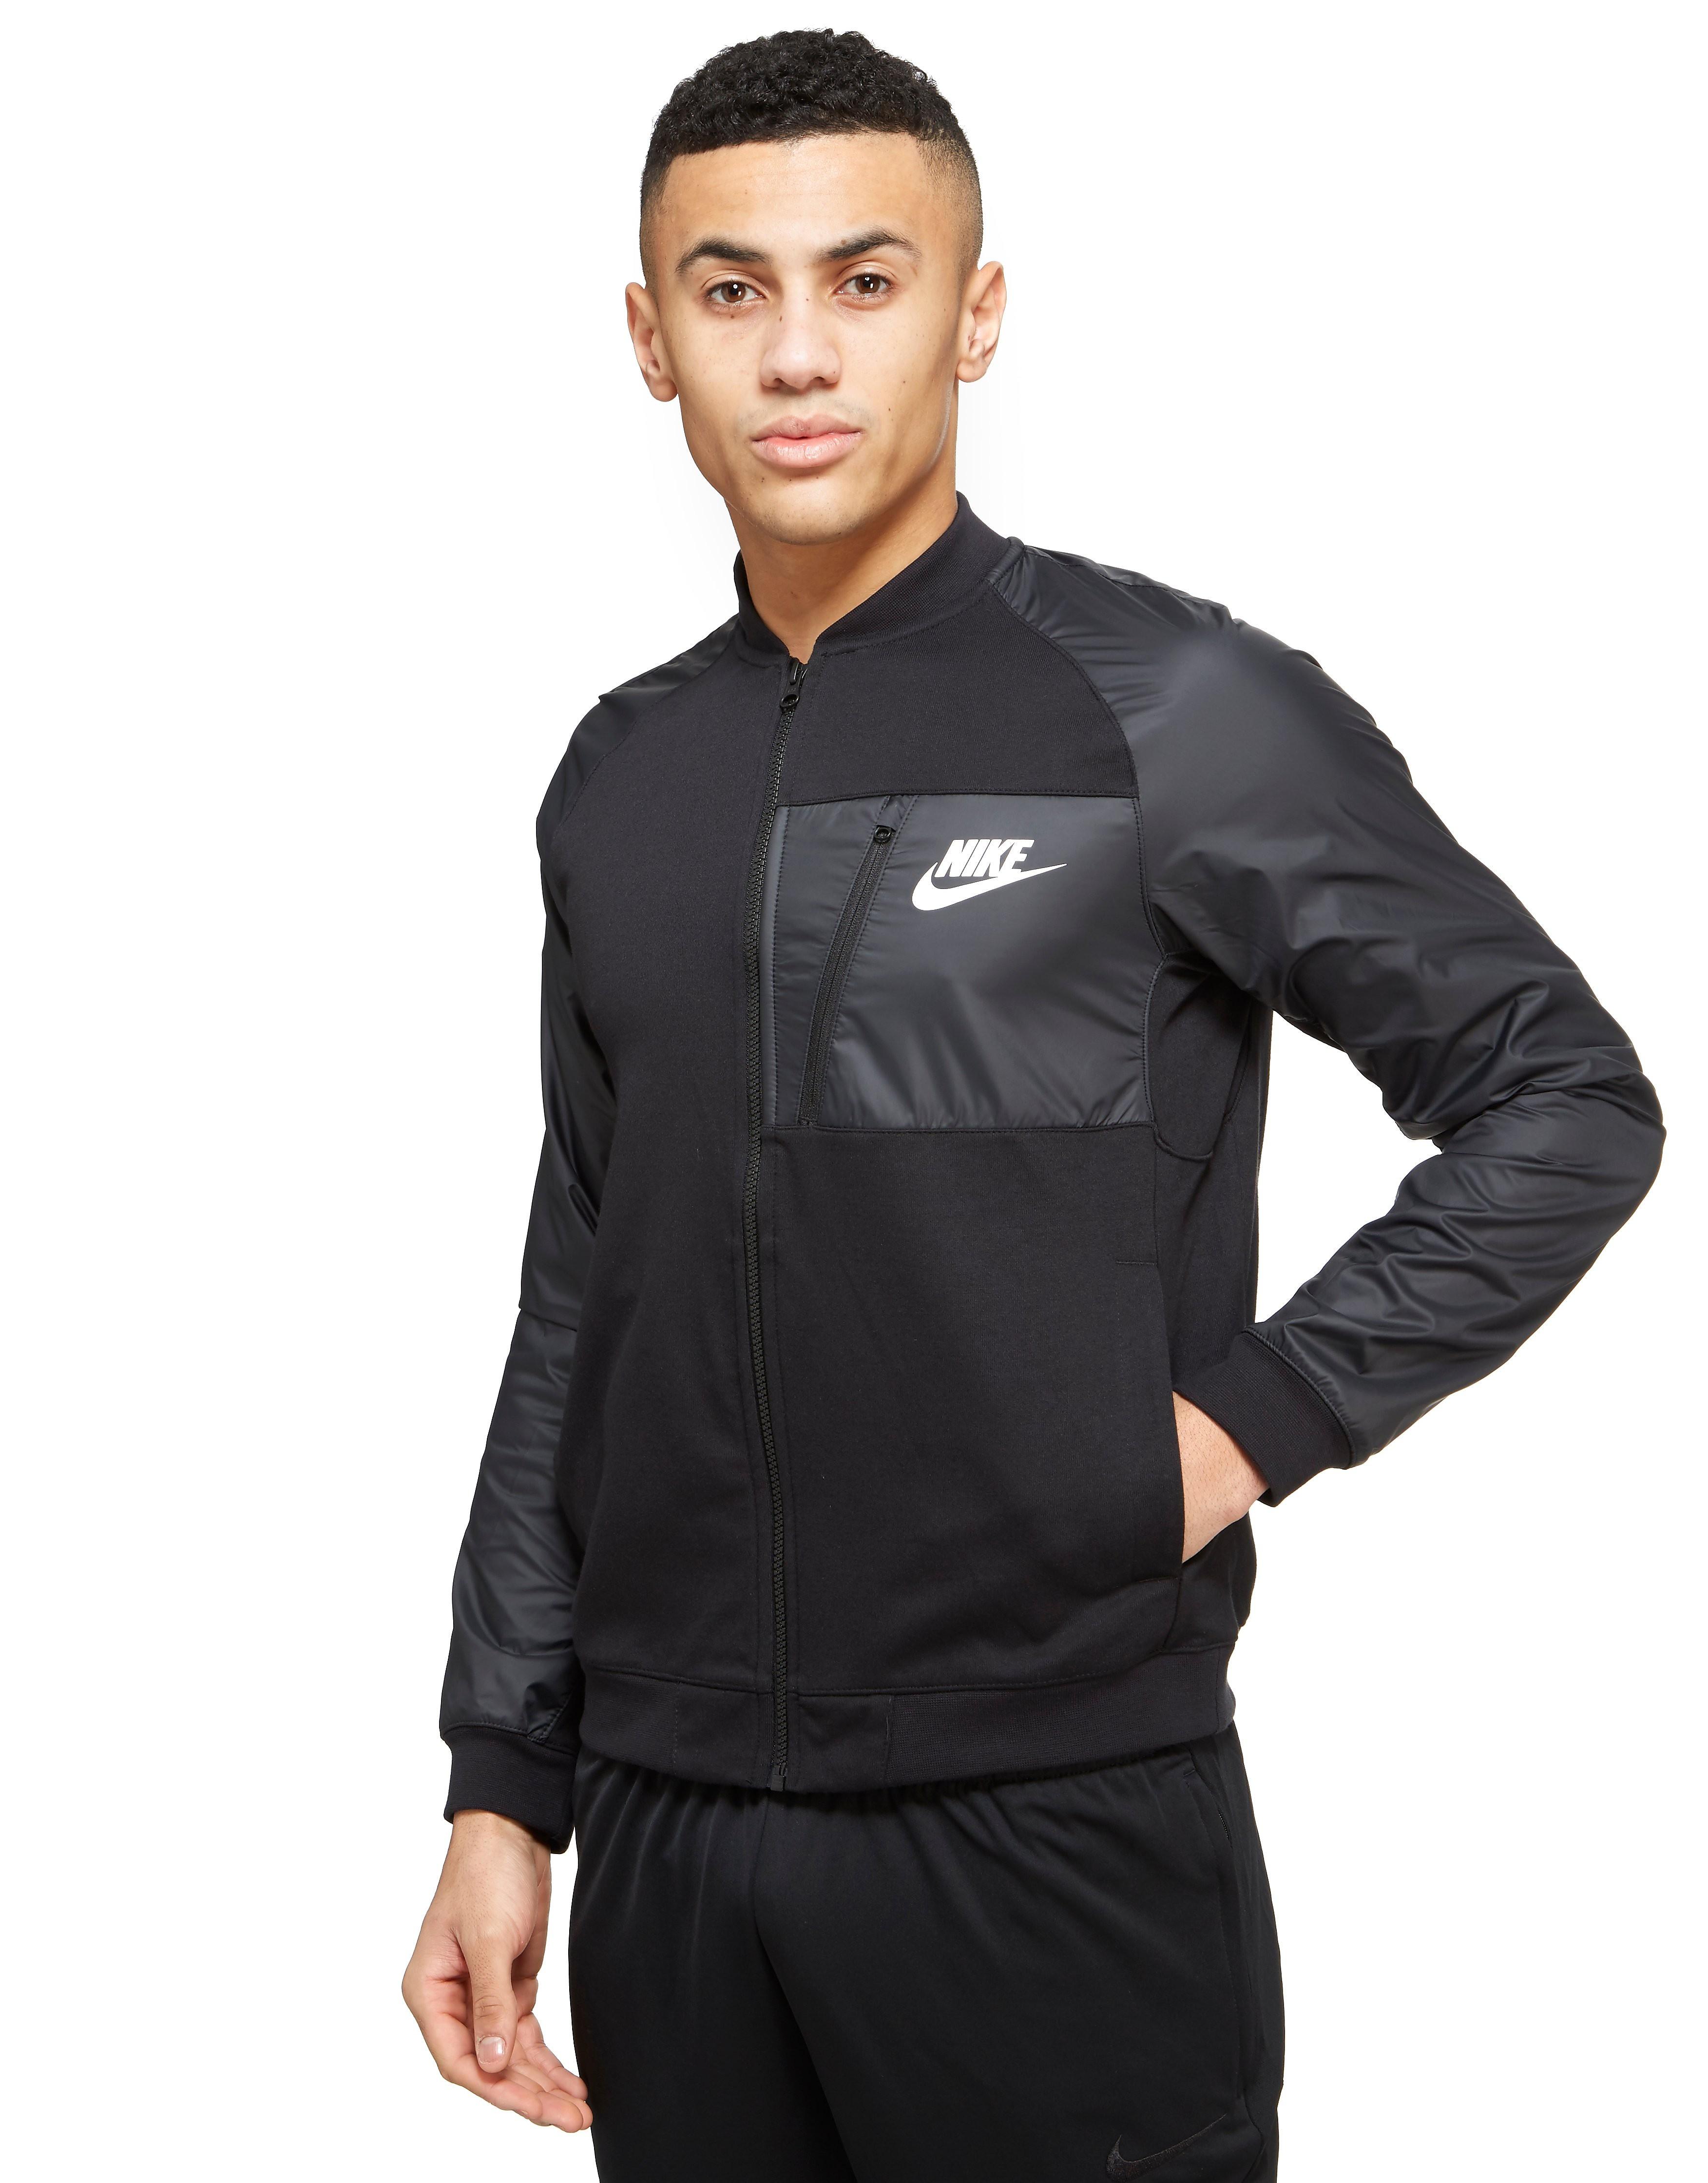 Nike Advance Baseball Jacket